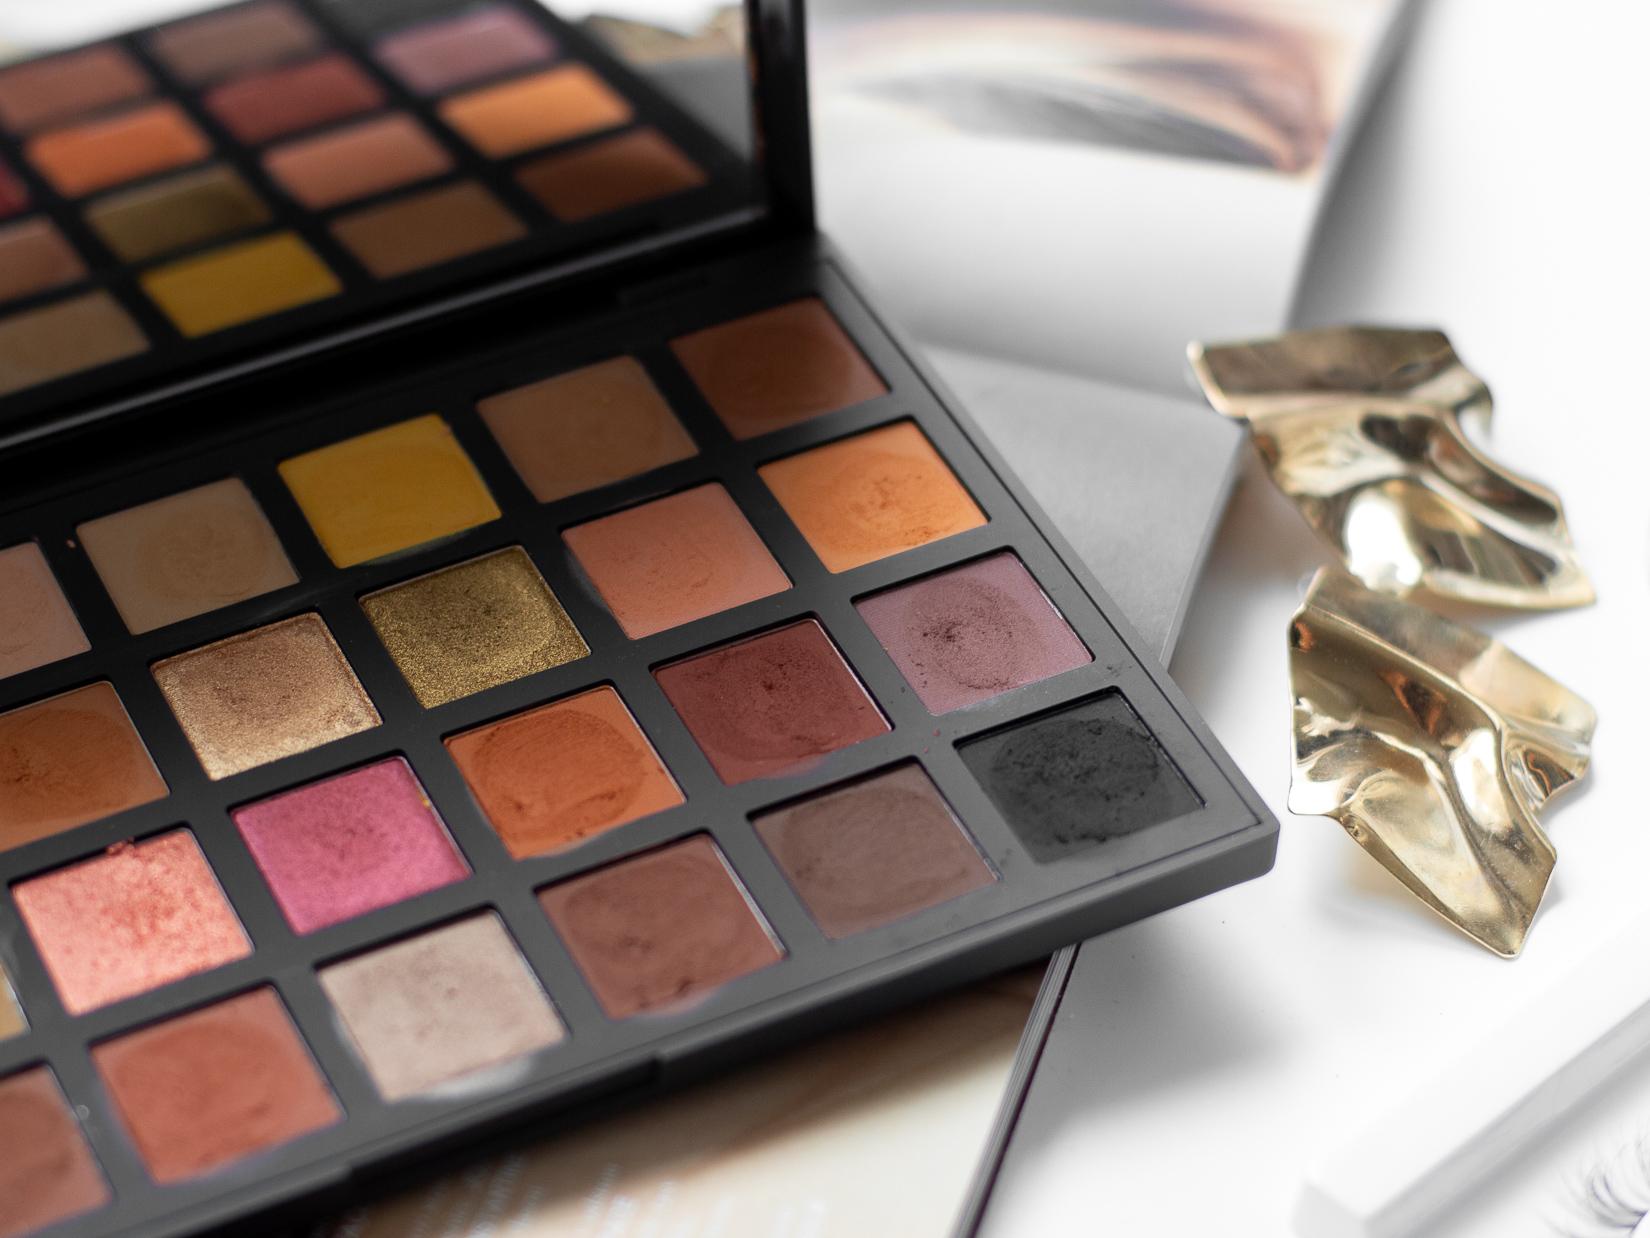 paletka sephora pro pigment palette